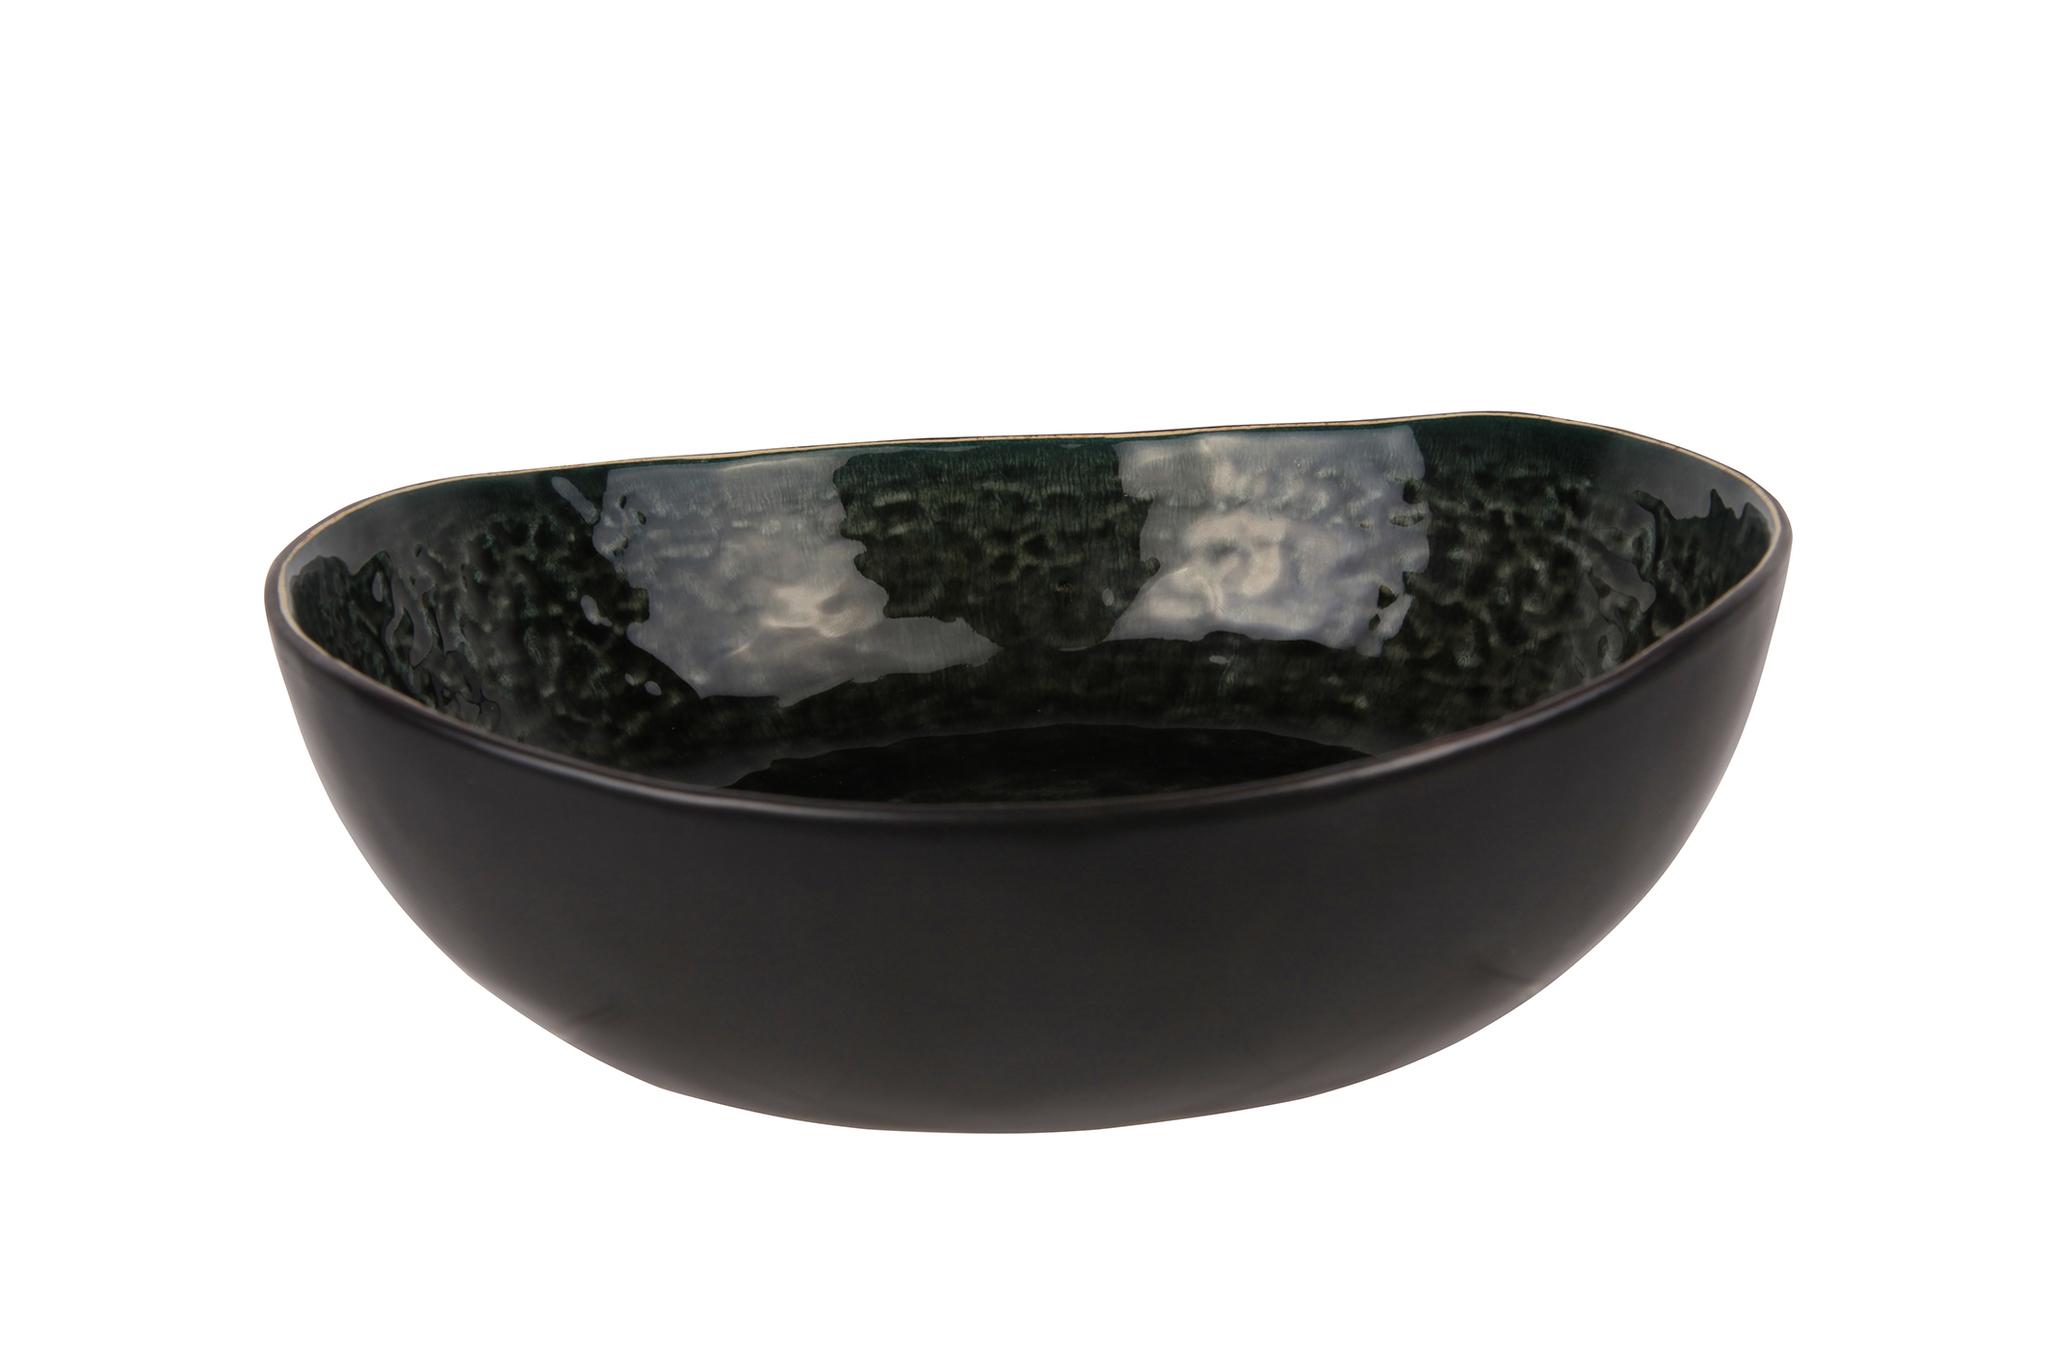 Миска 19х17,5х6 см COSY&amp;TRENDY Laguna verde 6970952Миски и чаши<br>Миска 19х17,5х6 см COSY&amp;TRENDY Laguna verde 6970952<br><br>Эта коллекция из каменной керамики поражает удивительным цветом, текстурой и формой. Насыщенный темно-серый оттенок с волнистым рельефом погружают в прибрежную лагуну. Органические края для дополнительного дизайна. Коллекция Laguna Verde воссоздает исключительный внешний вид приготовленных блюд.<br>